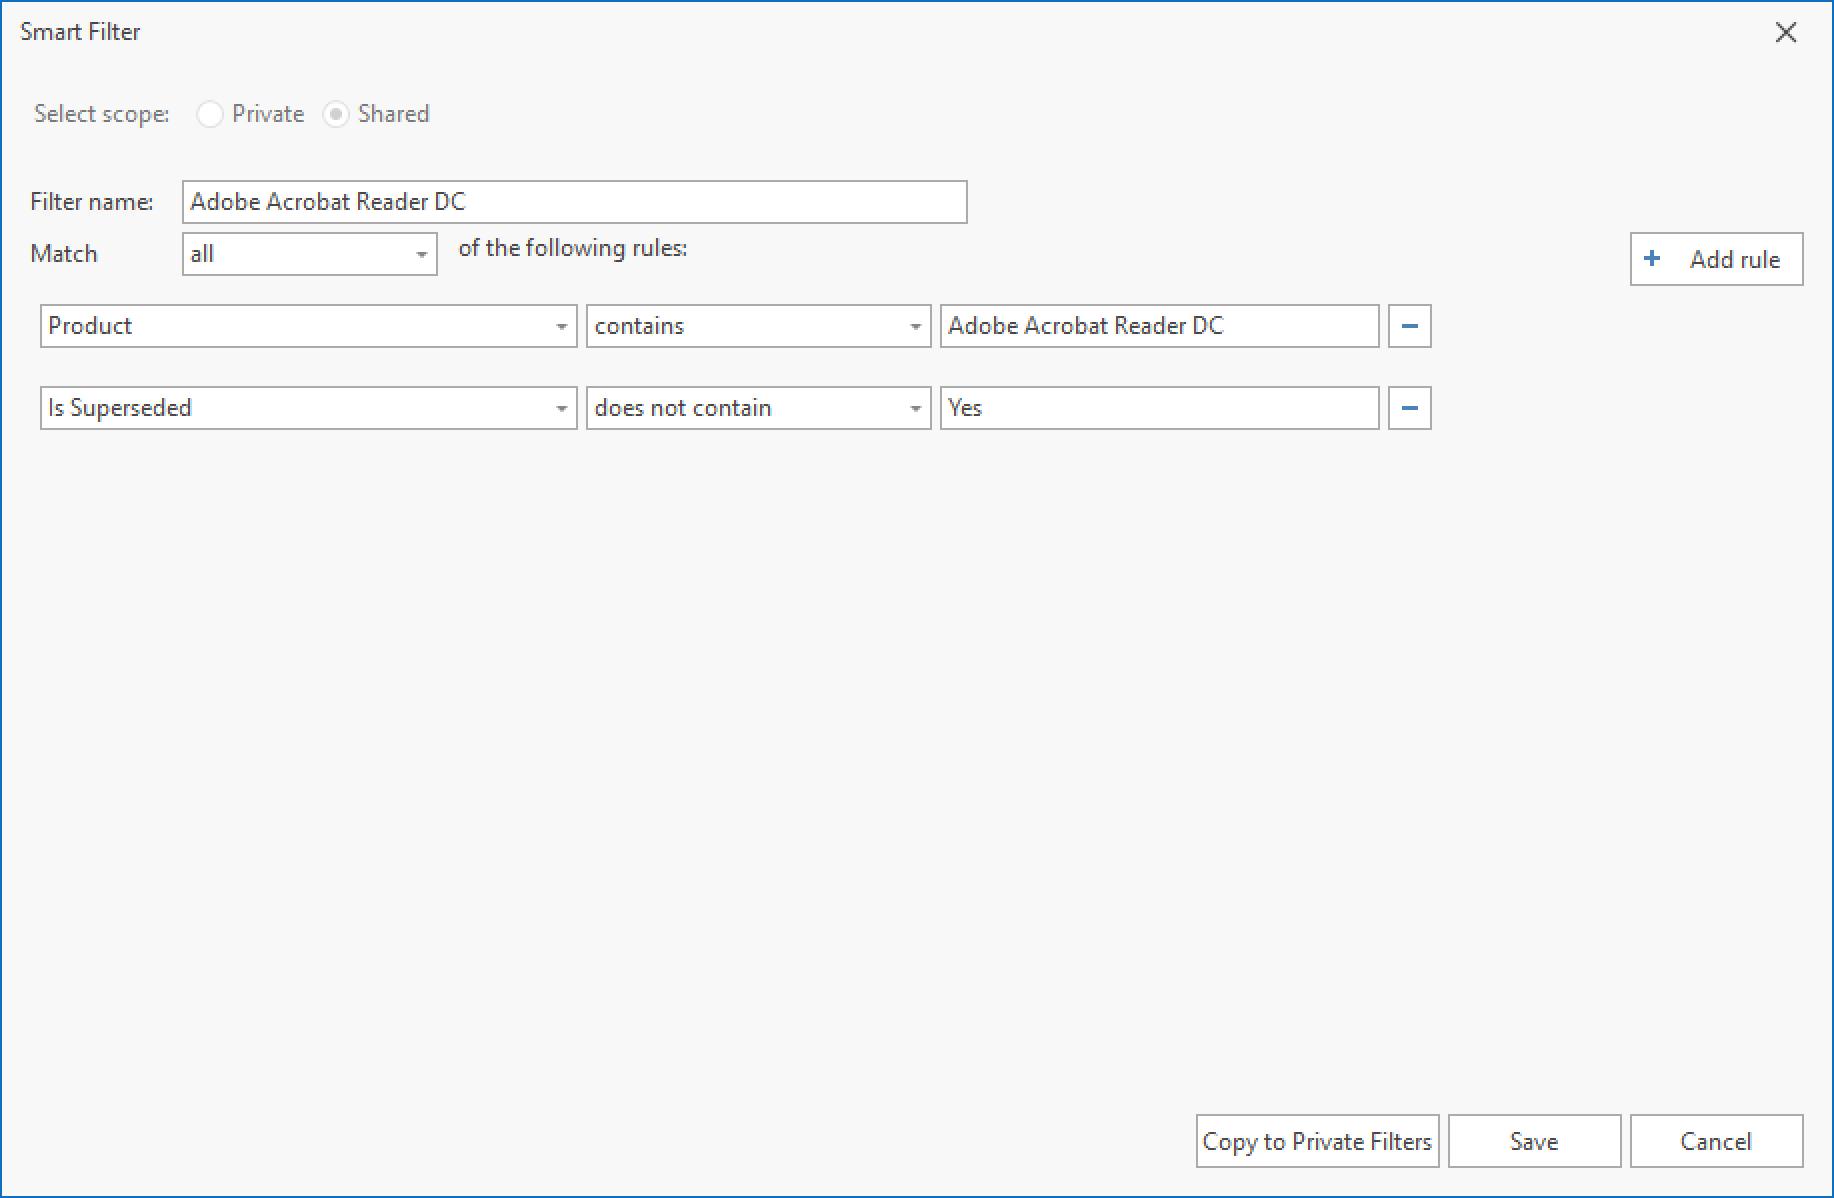 Adobe Acrobat Reader DC Smart Filter